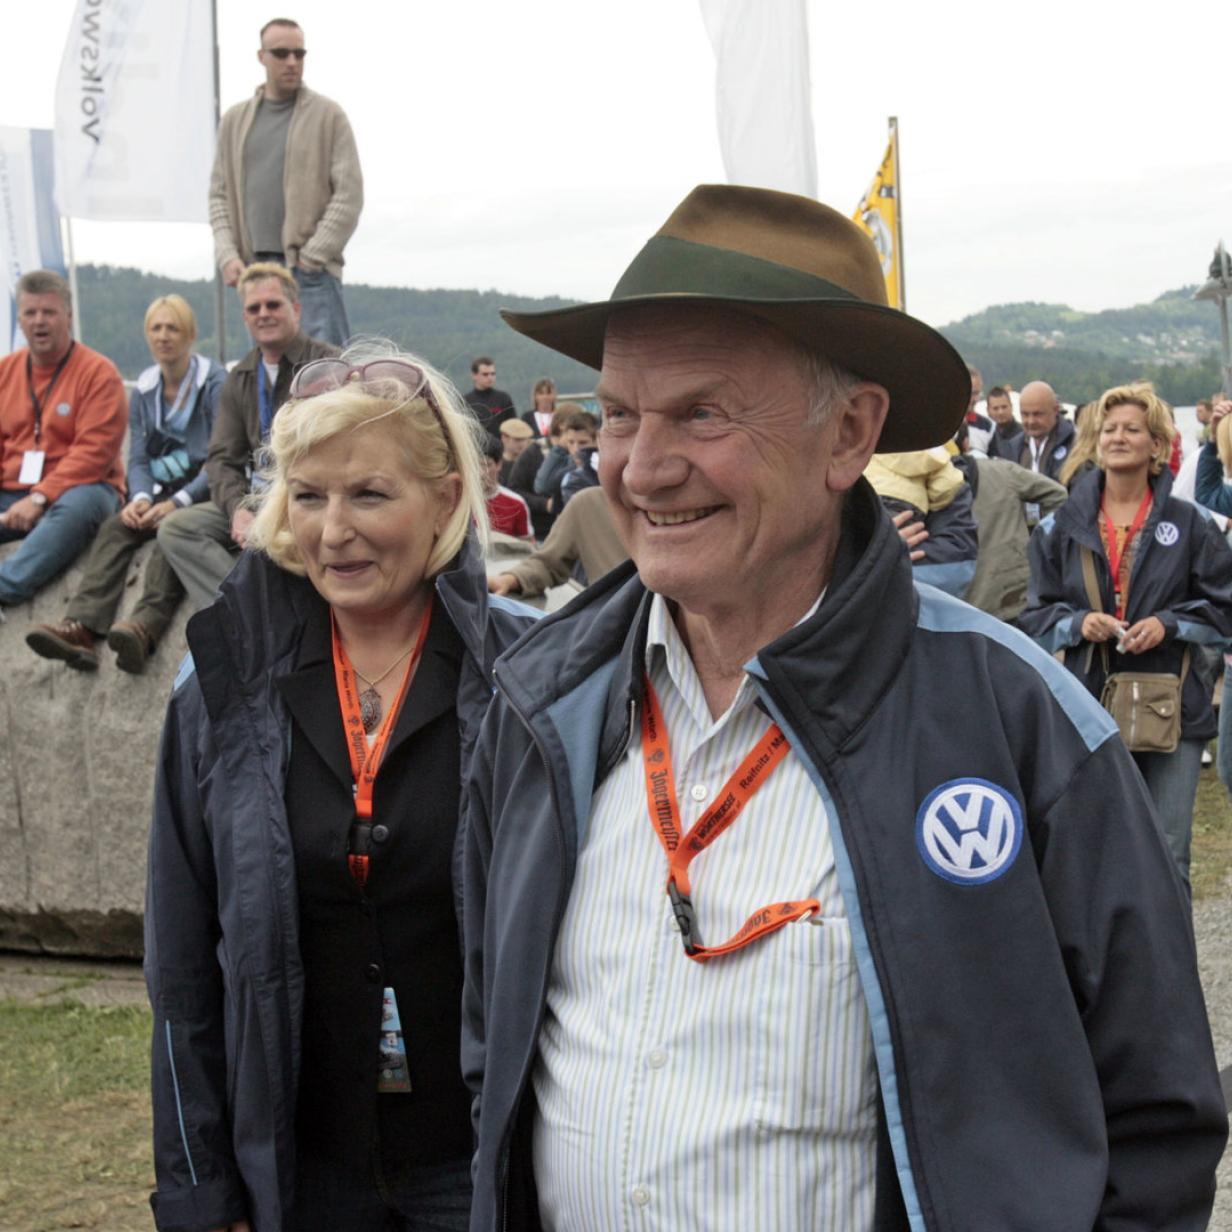 Piech jasmin Porsche family